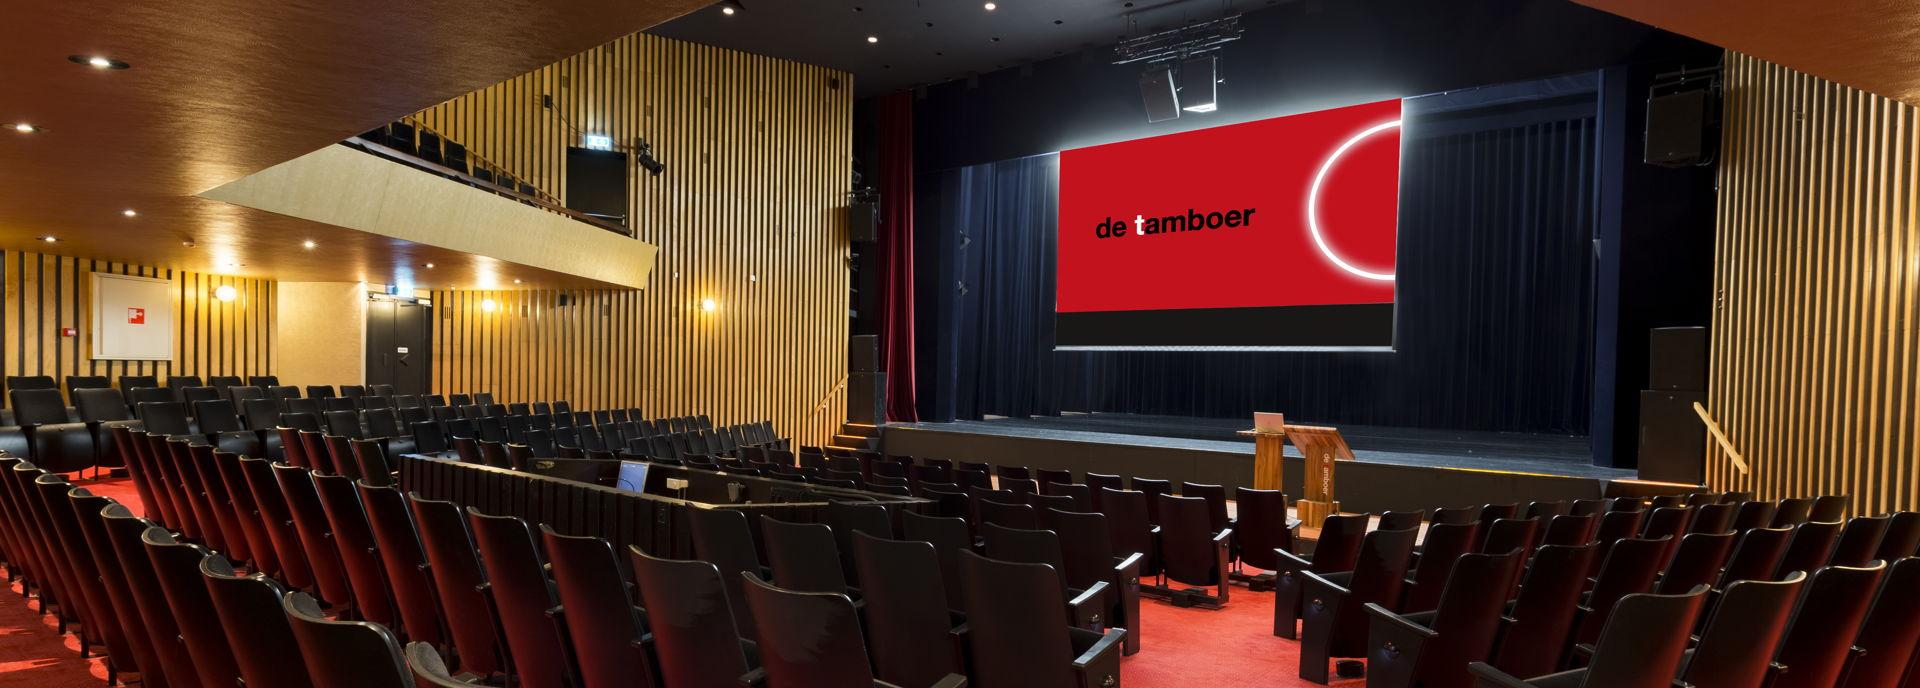 De Passagezaal is een sfeervolle, intieme midden grote theaterzaal.